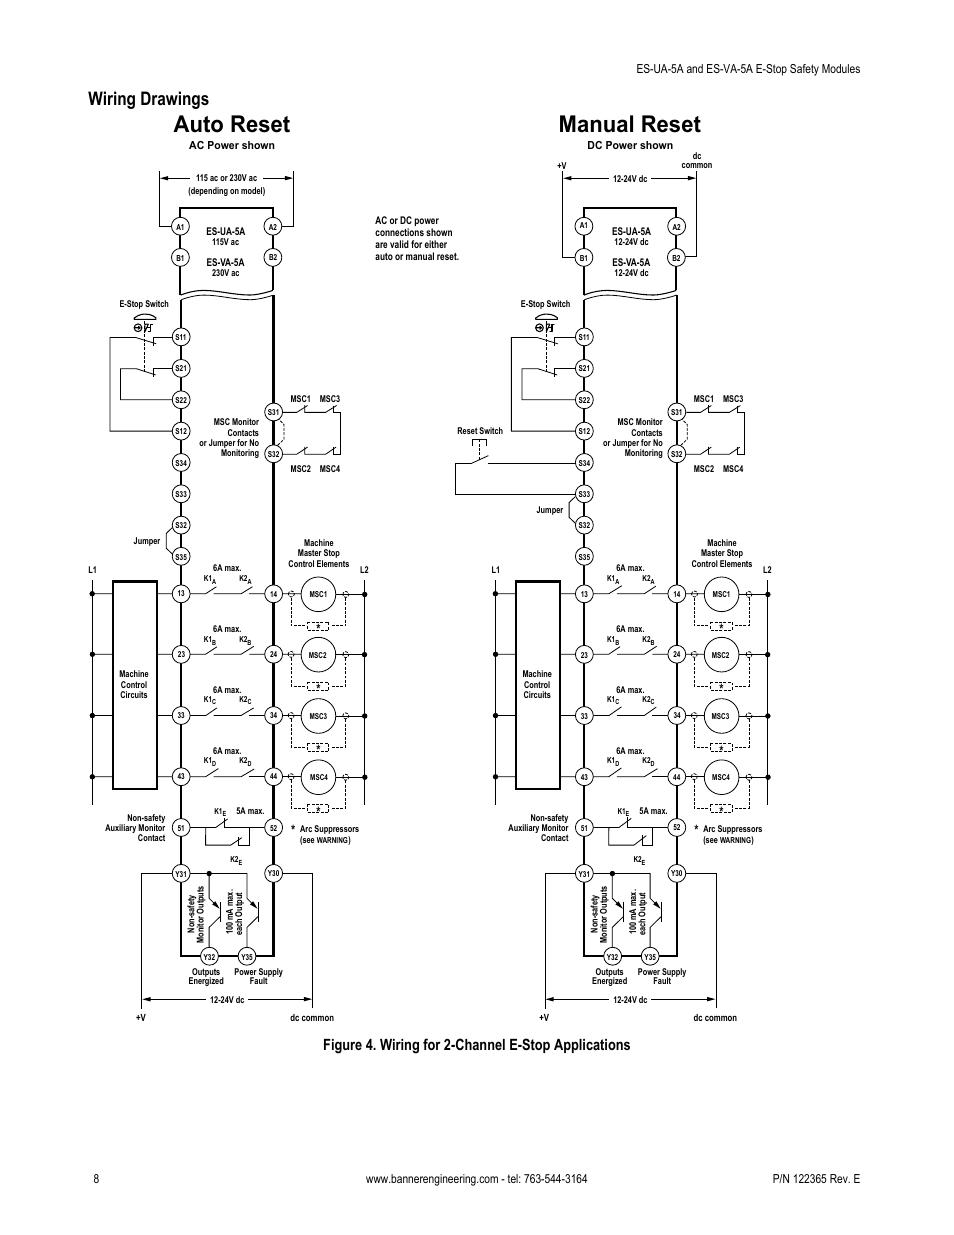 hight resolution of manual reset wiring diagram wiring diagram meta latching relay with manual reset wiring caroldoey